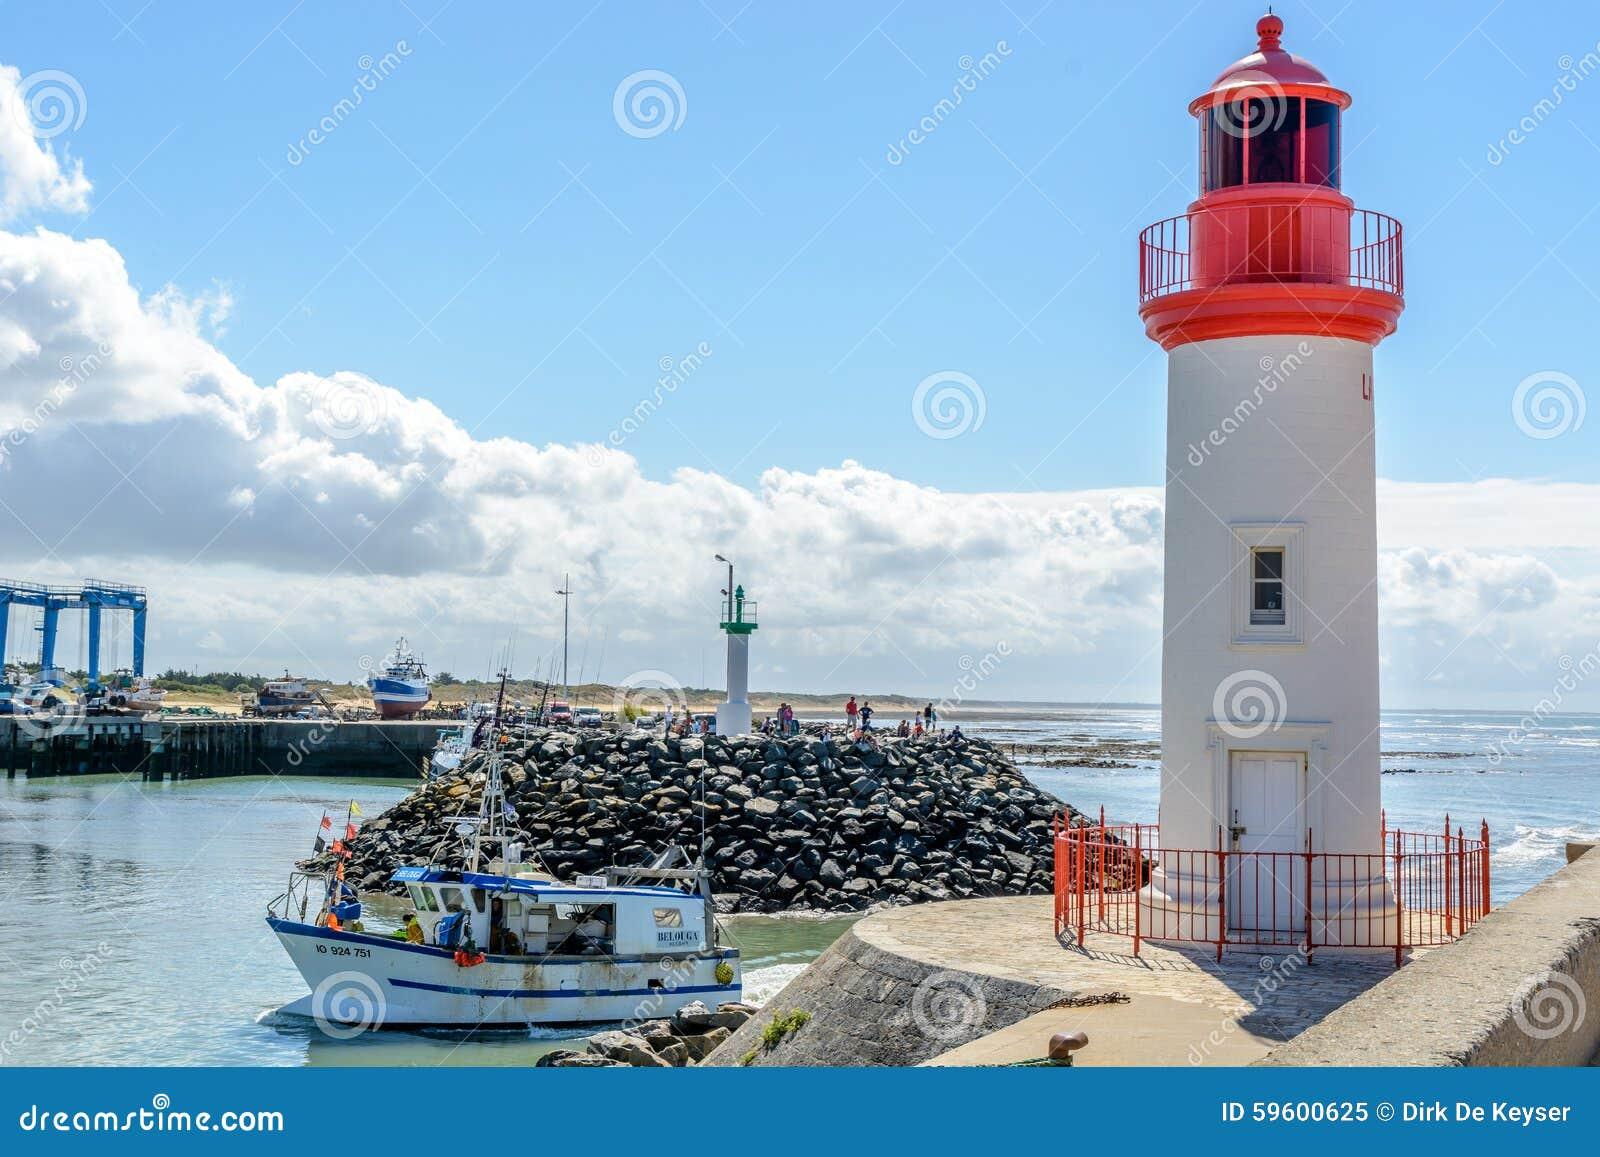 Cotiniere del La, puerto pesquero en la isla de Oleron, Francia